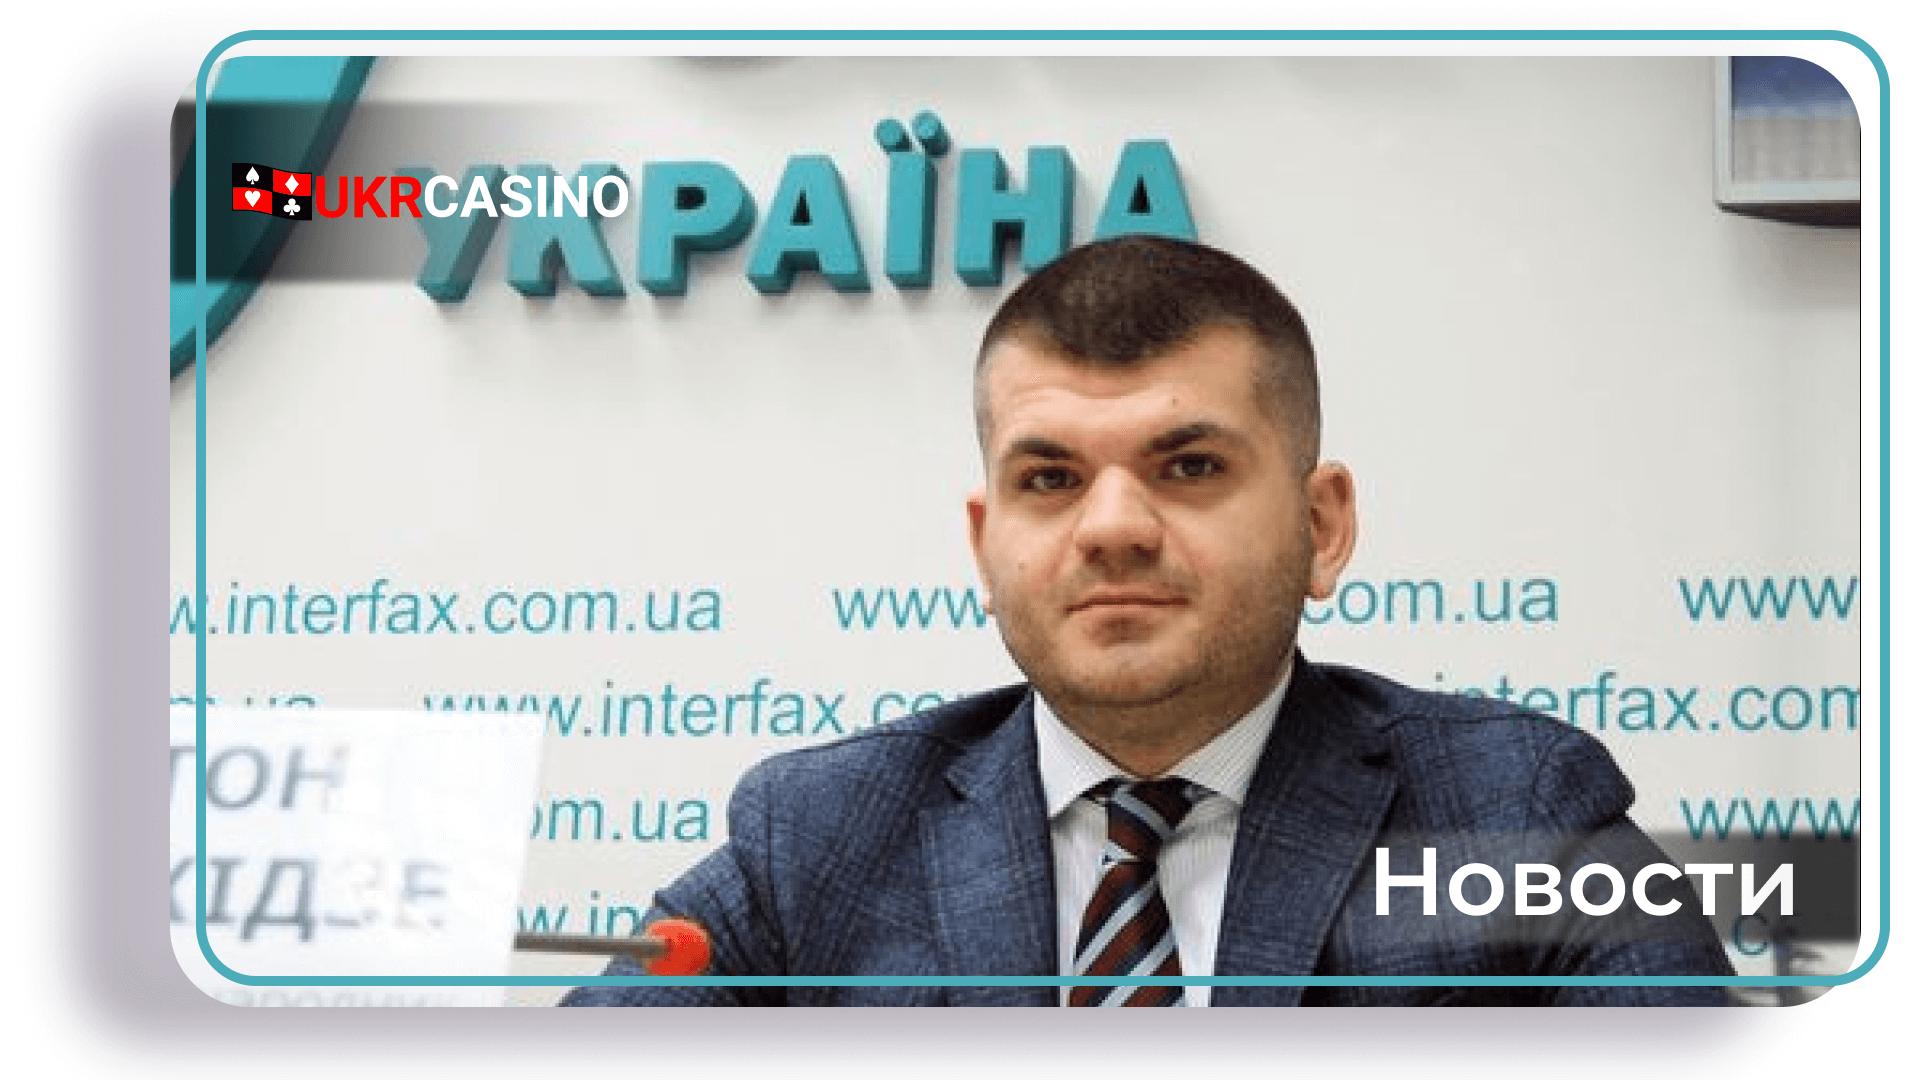 Глава Всеукраинского совета гэмблинга рассказал о том, как государство может помочь развитию азартной индустрии в Украине